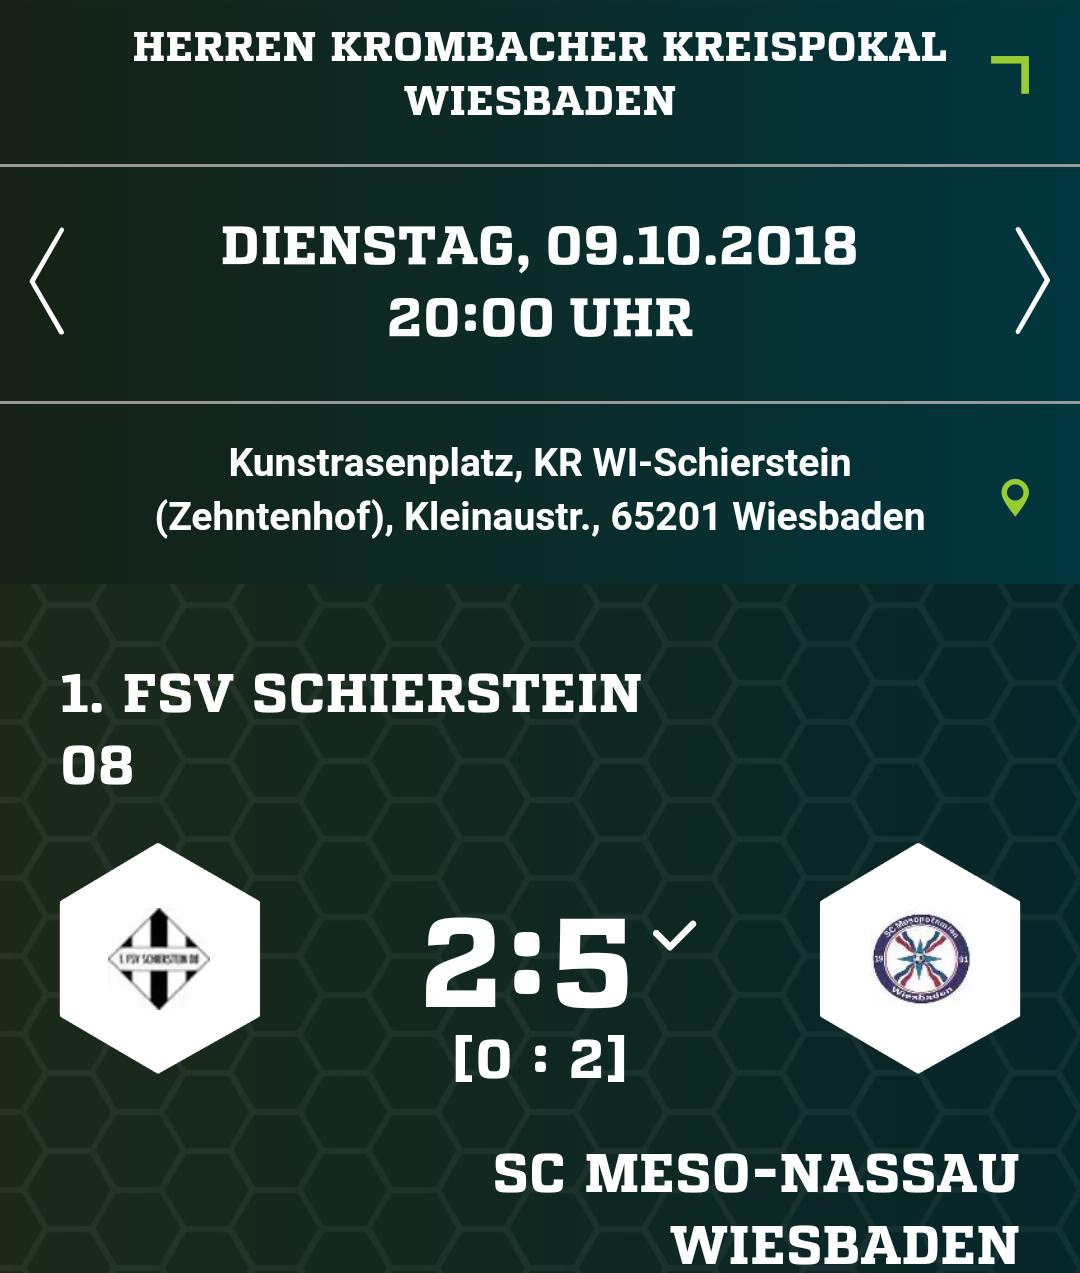 1. Mannschaft im Kreispokal eine Runde weiter